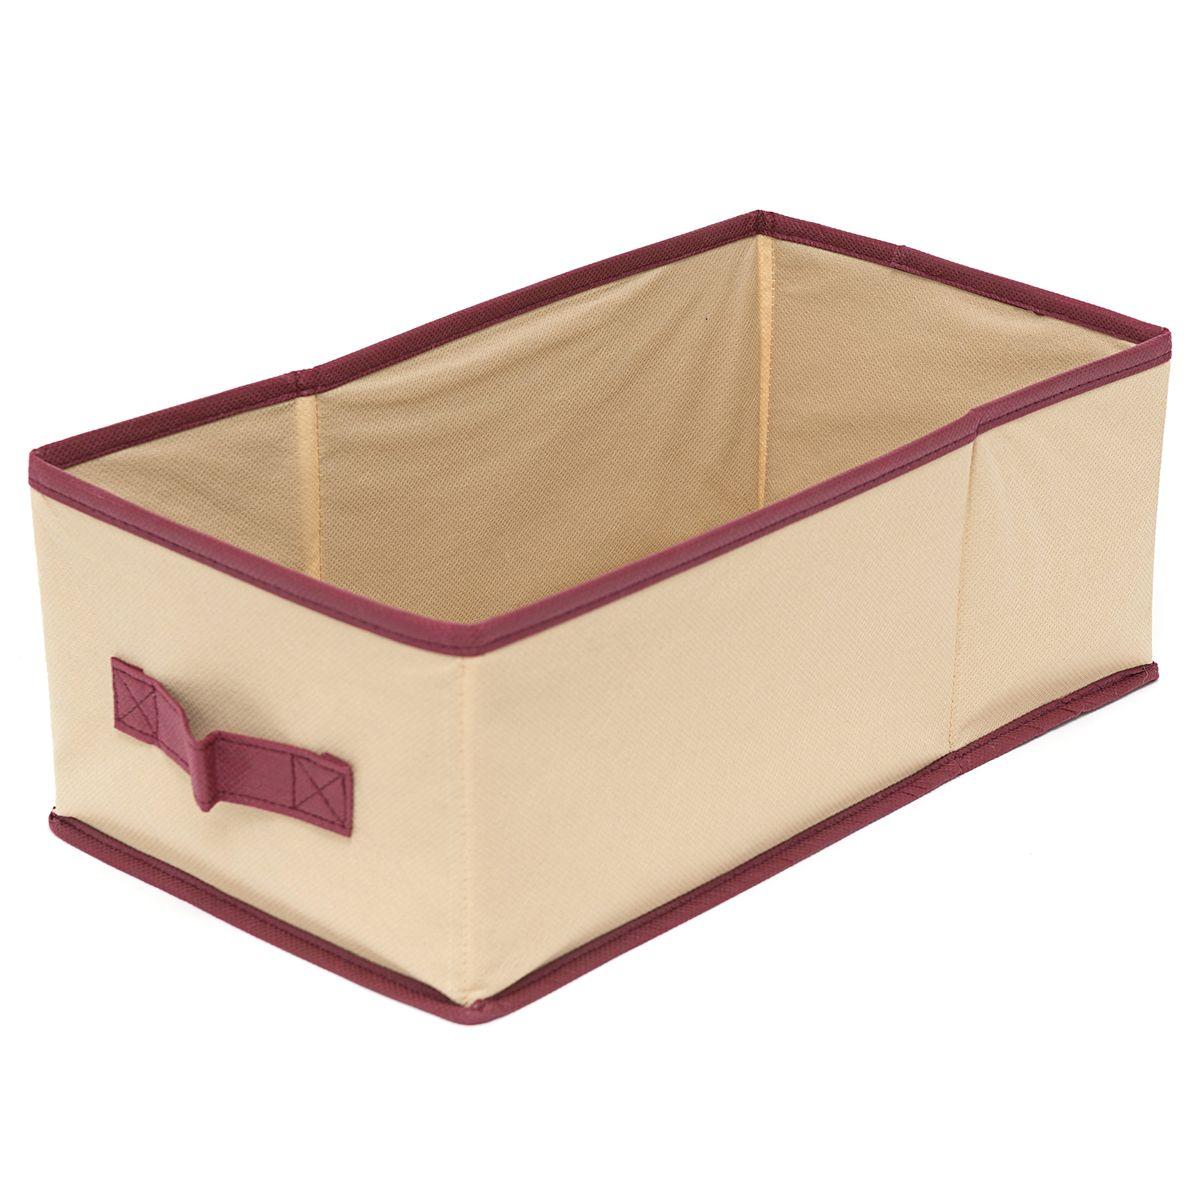 Ящик для хранения Homsu Comfort, с ручкой, цвет: бежевый, 37 x 20 x 14 смHOM-683Универсальная коробочка для хранения любых вещей. Оптимальный размер позволяет хранить в ней любые вещи и предметы. Имеет жесткие борта, что является гарантией сохранности вещей. Размер изделия:37x20x14см